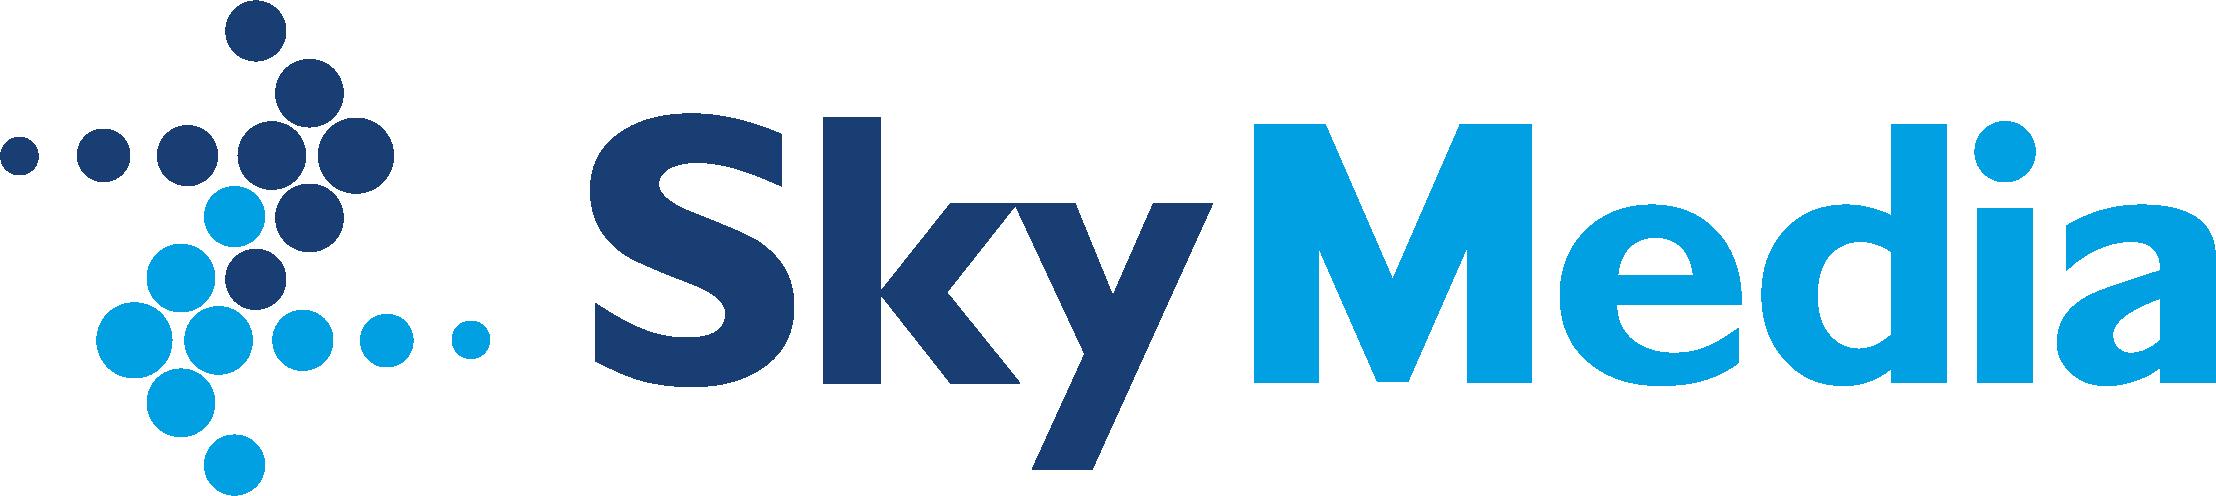 sky_media_logo-1